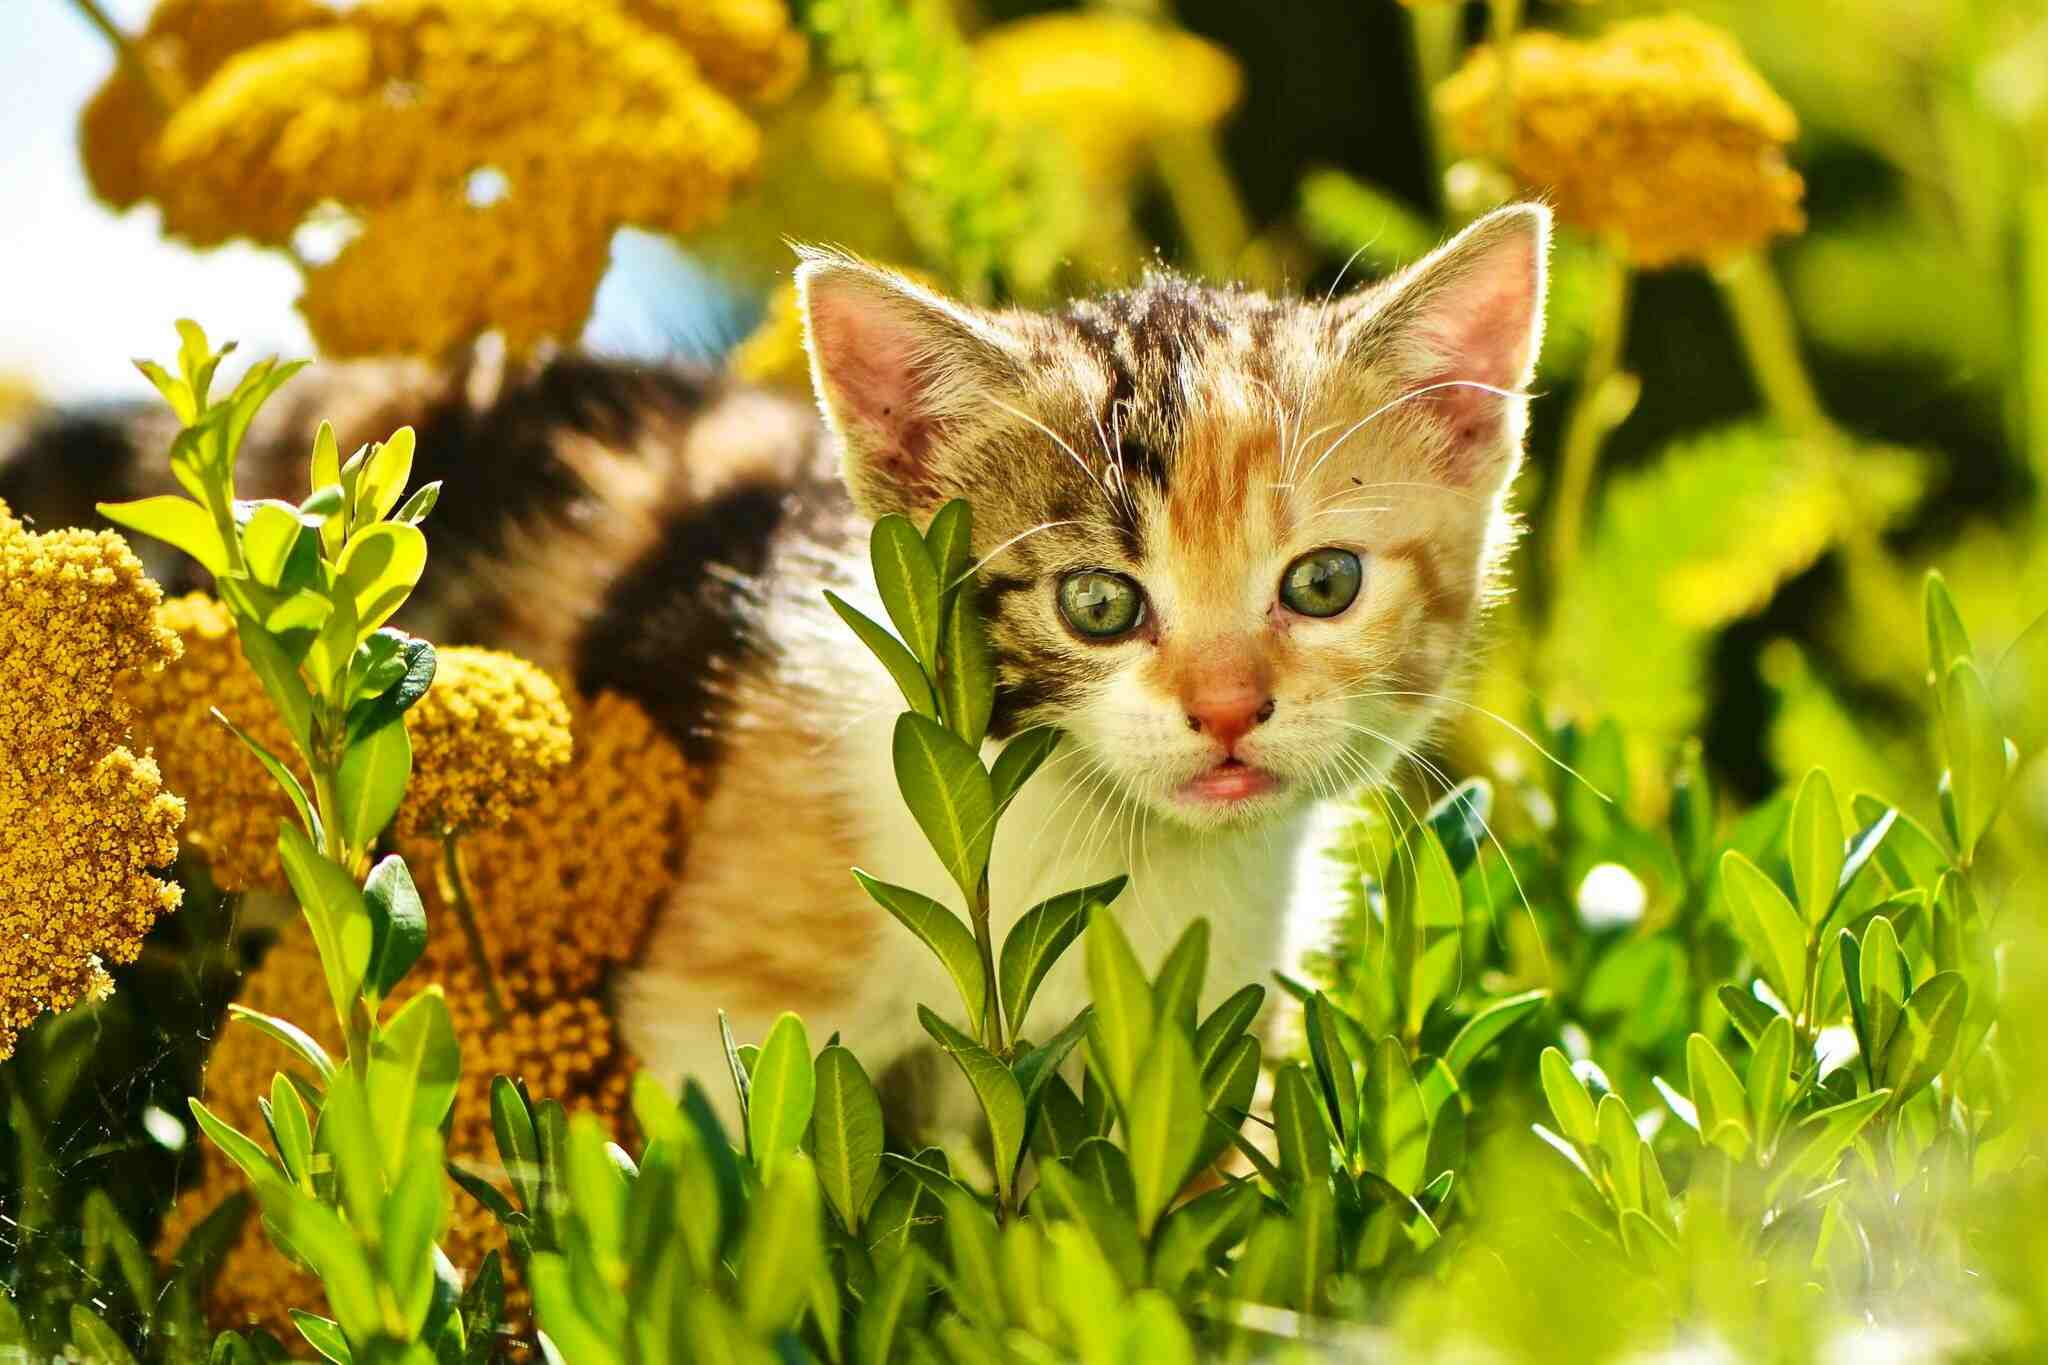 Kitten lurking in the flowers outside.